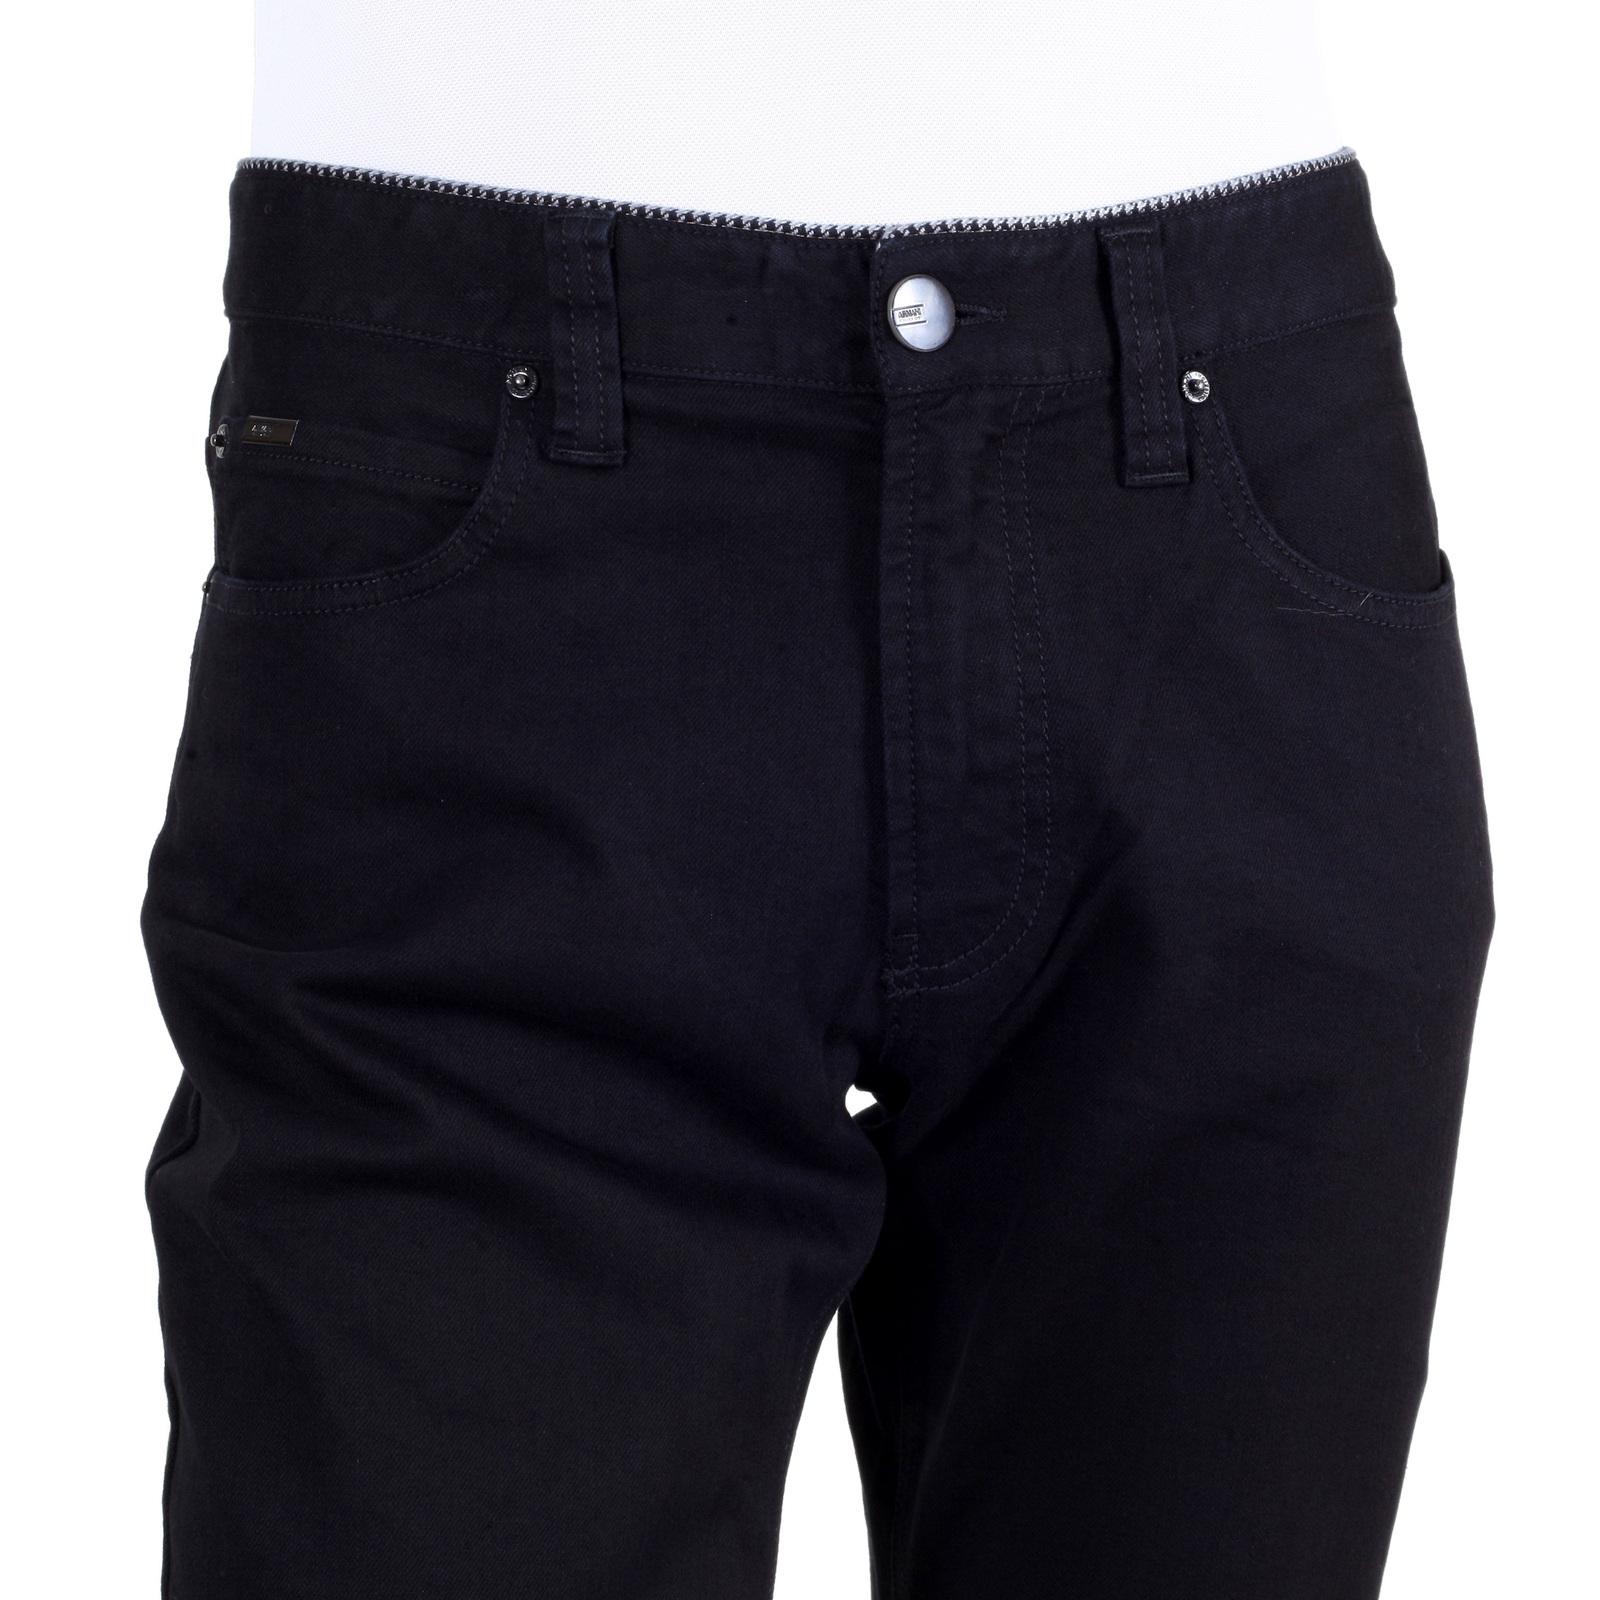 Levis Mens Black Jeans